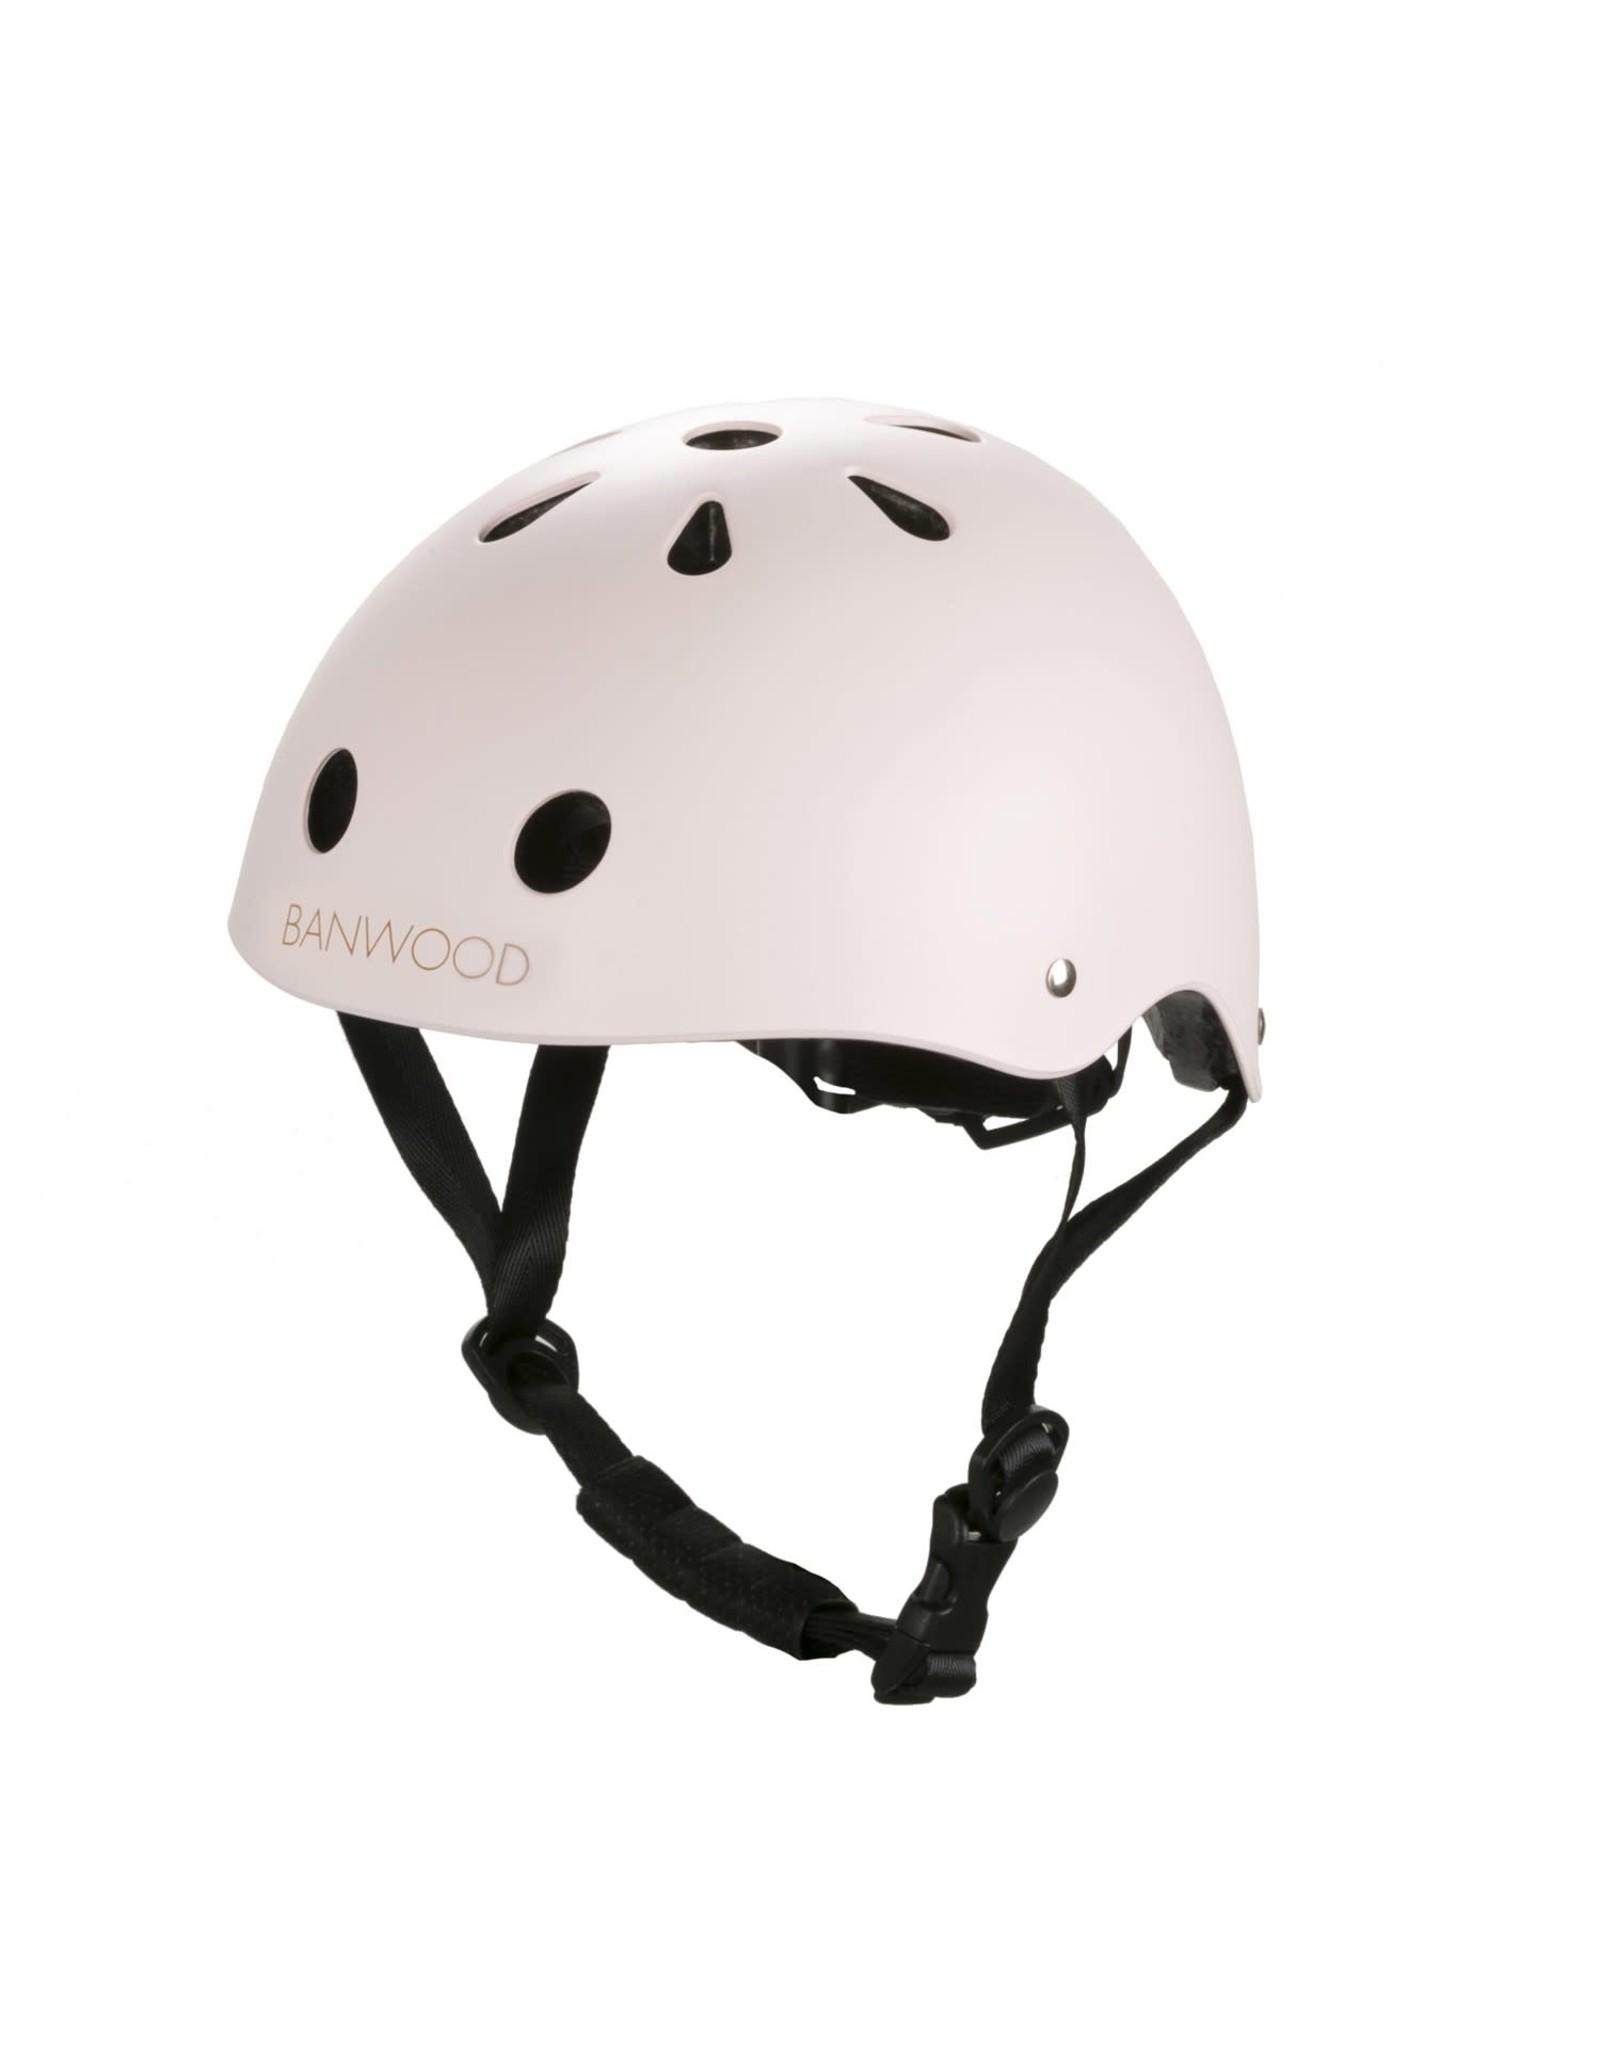 Banwood Banwood helmet Matte Pink